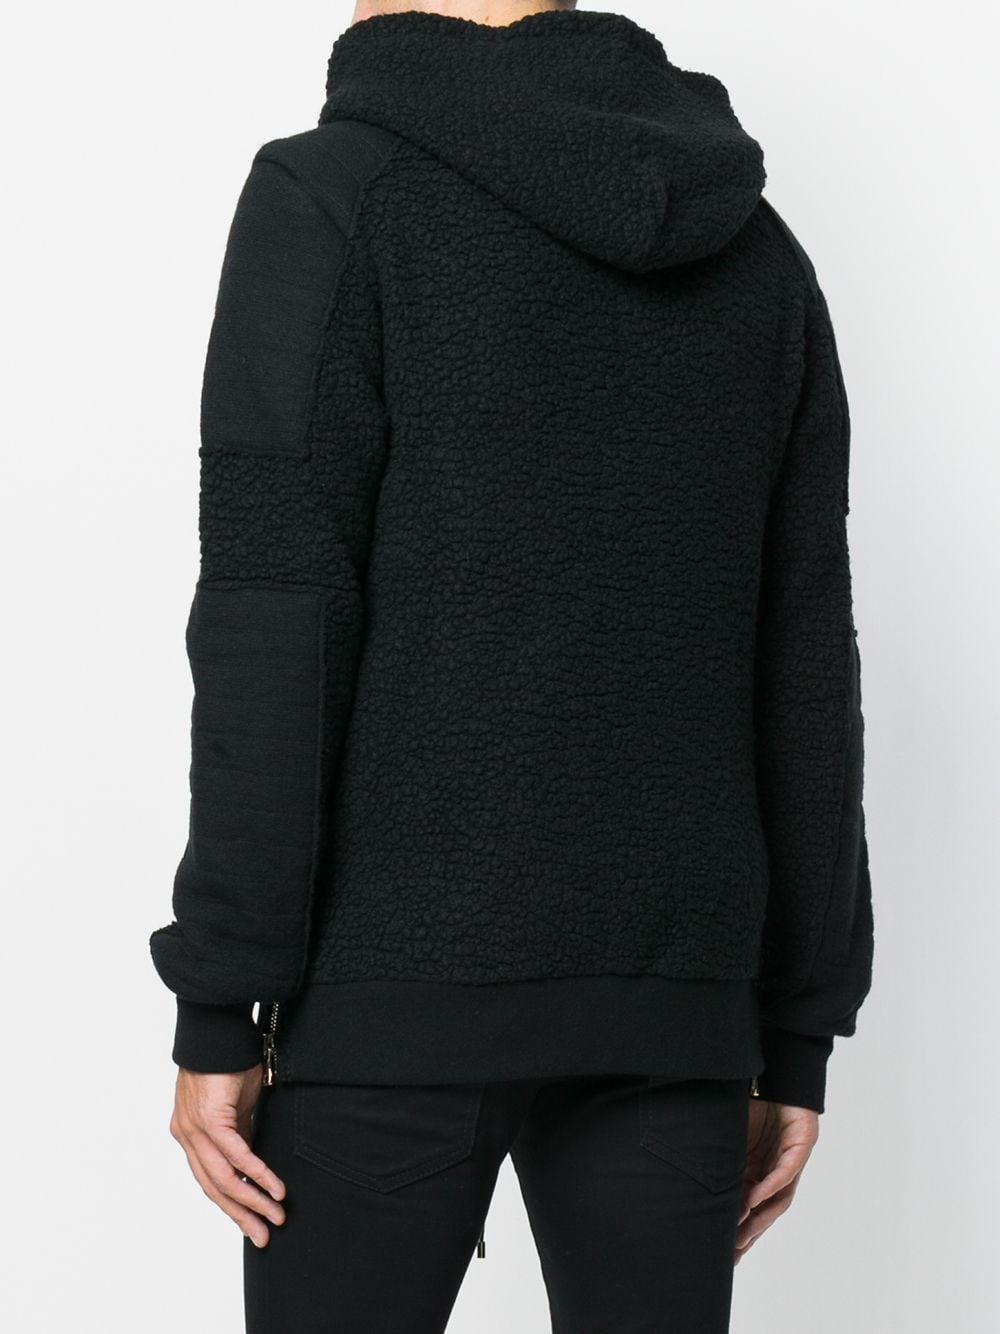 Balmain Wol Zip-up Patch Detail Hoodie in het Zwart voor heren